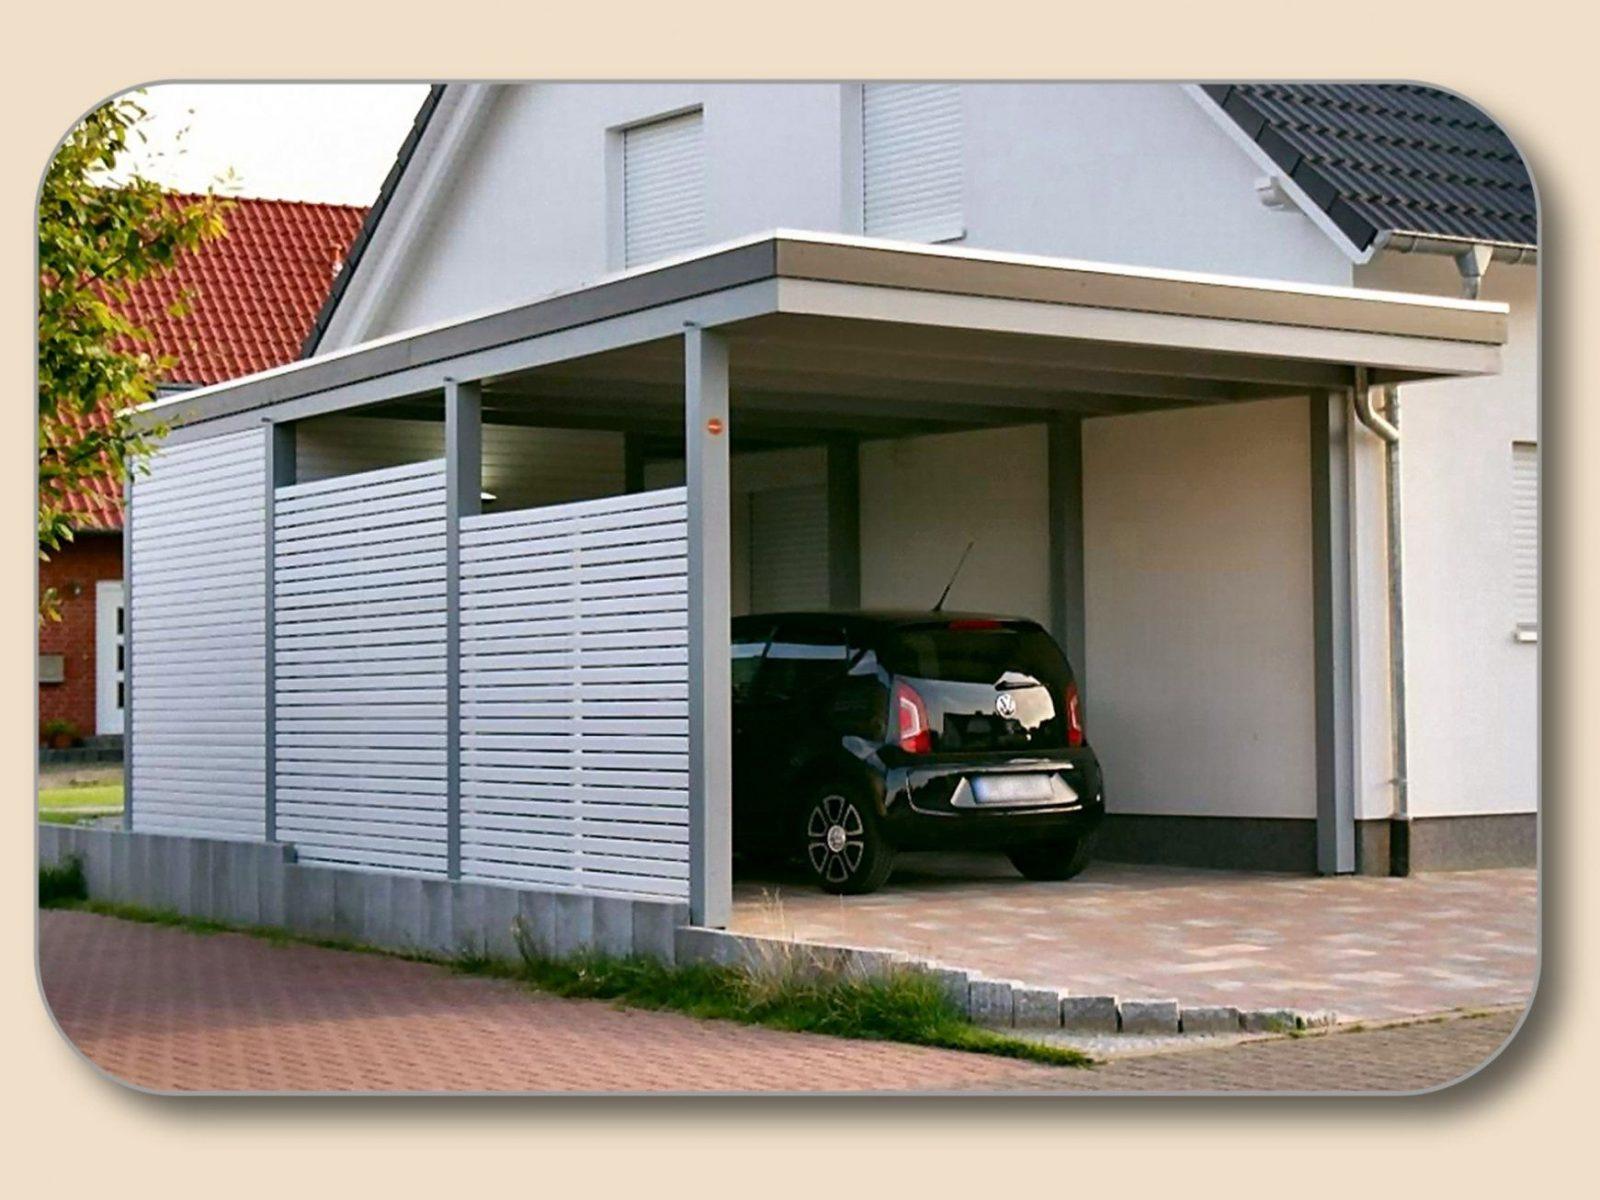 Kosten Carport Holz Ml24 – Hitoiro von Carport Selber Bauen Architektur Allgemein Bild